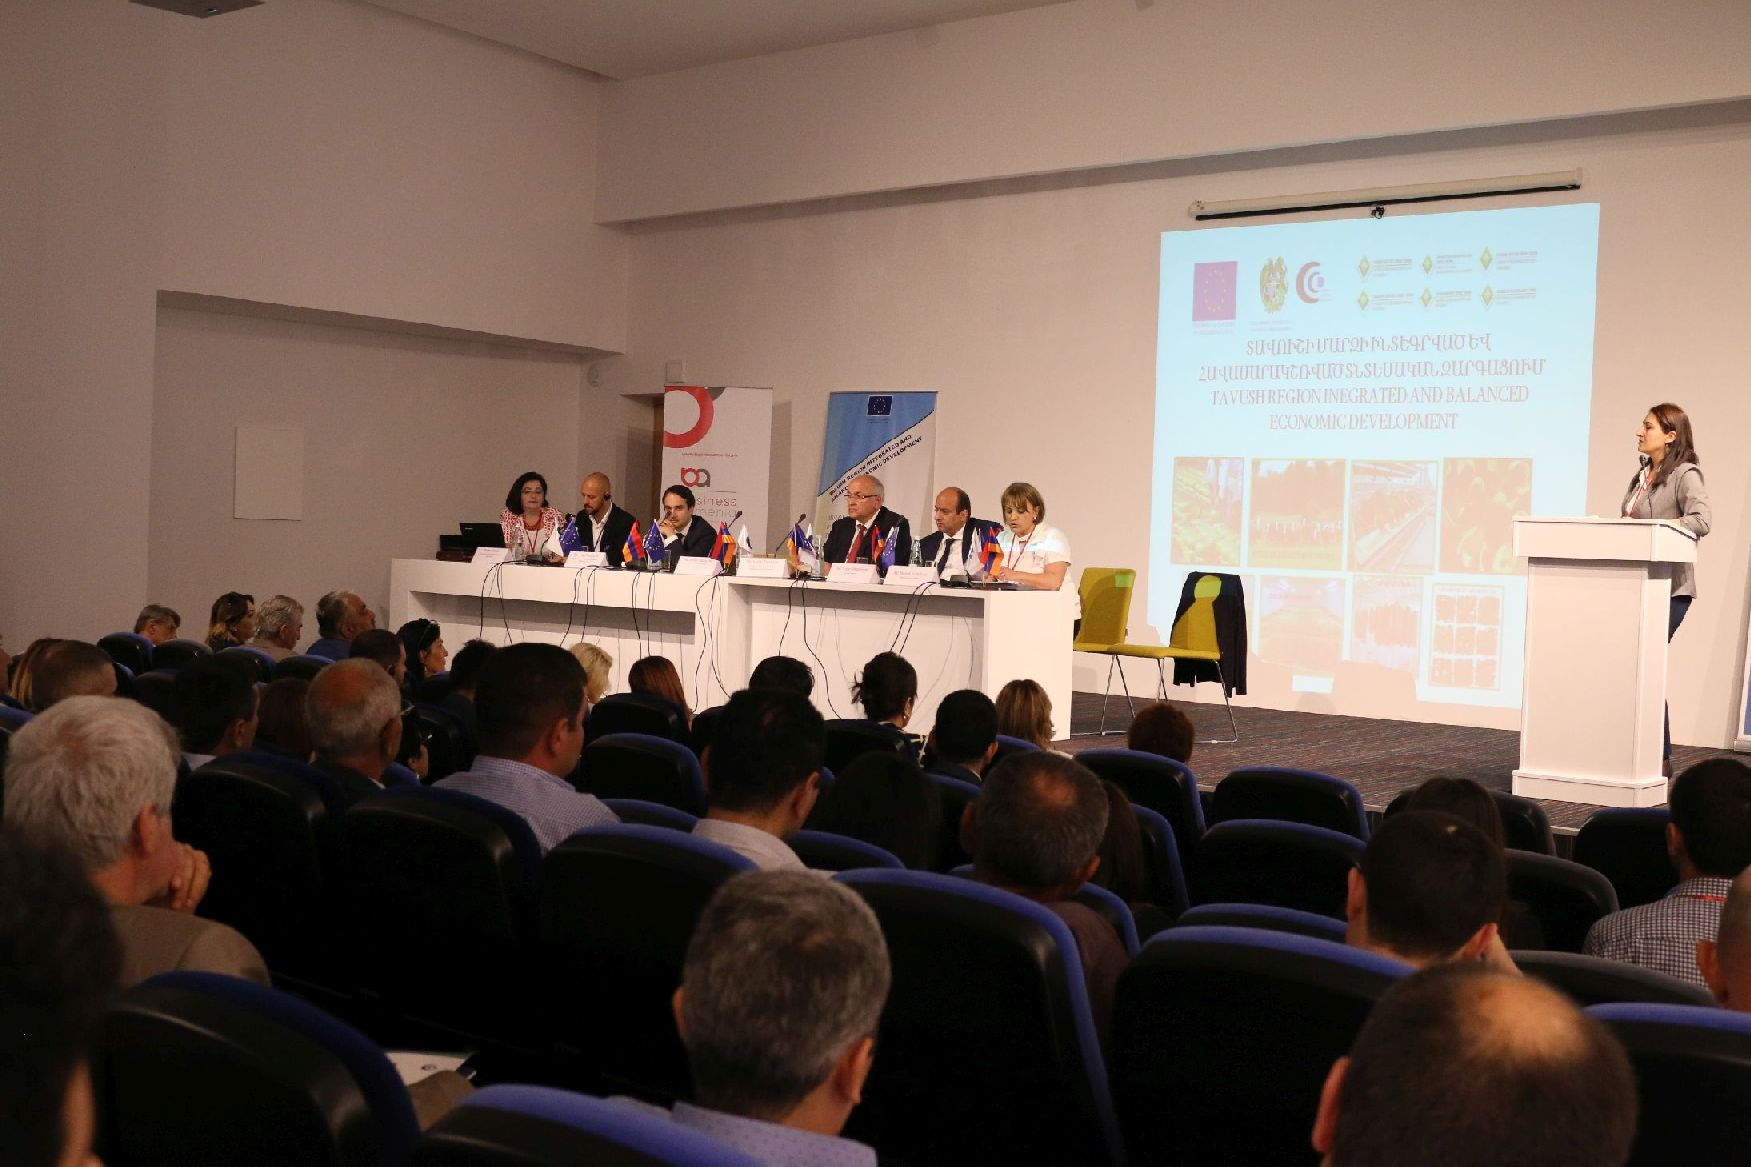 Բիզնես Արմենիայի թիմը` Դիլիջանում կայացած «Գնորդ-վաճառող» խորագրով համաժողովին